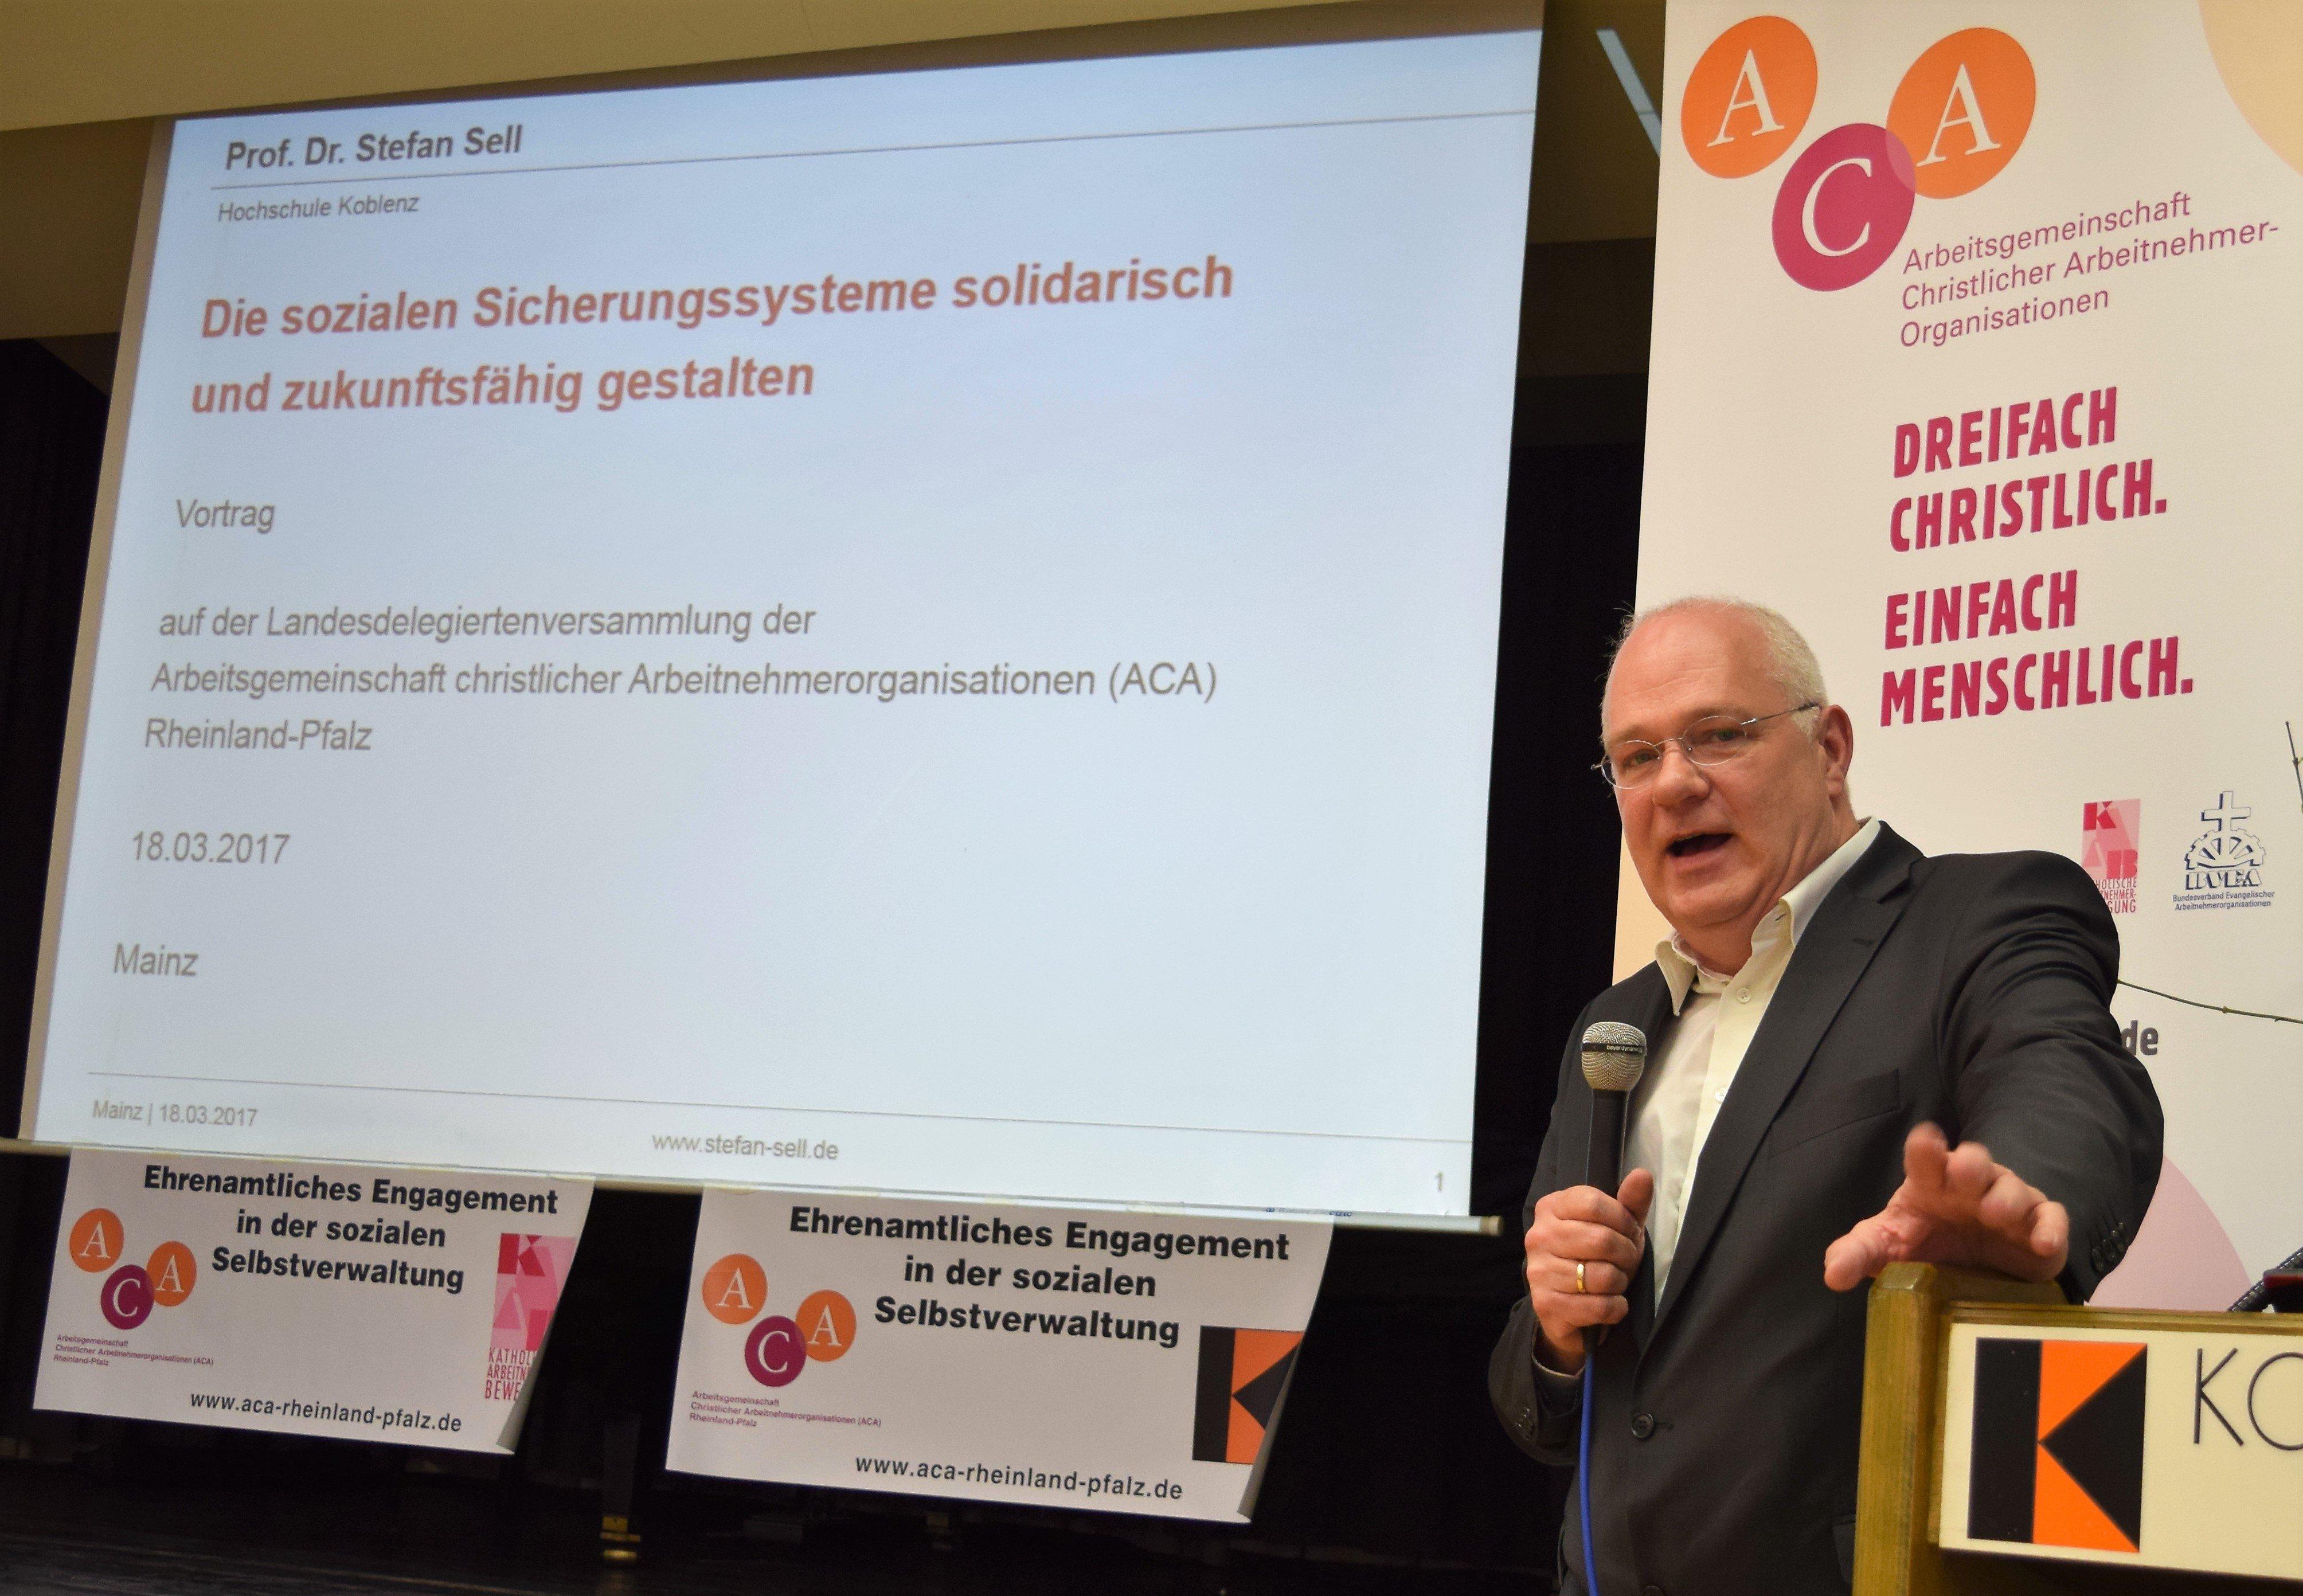 www.aca-rheinland-pfalz.de 1